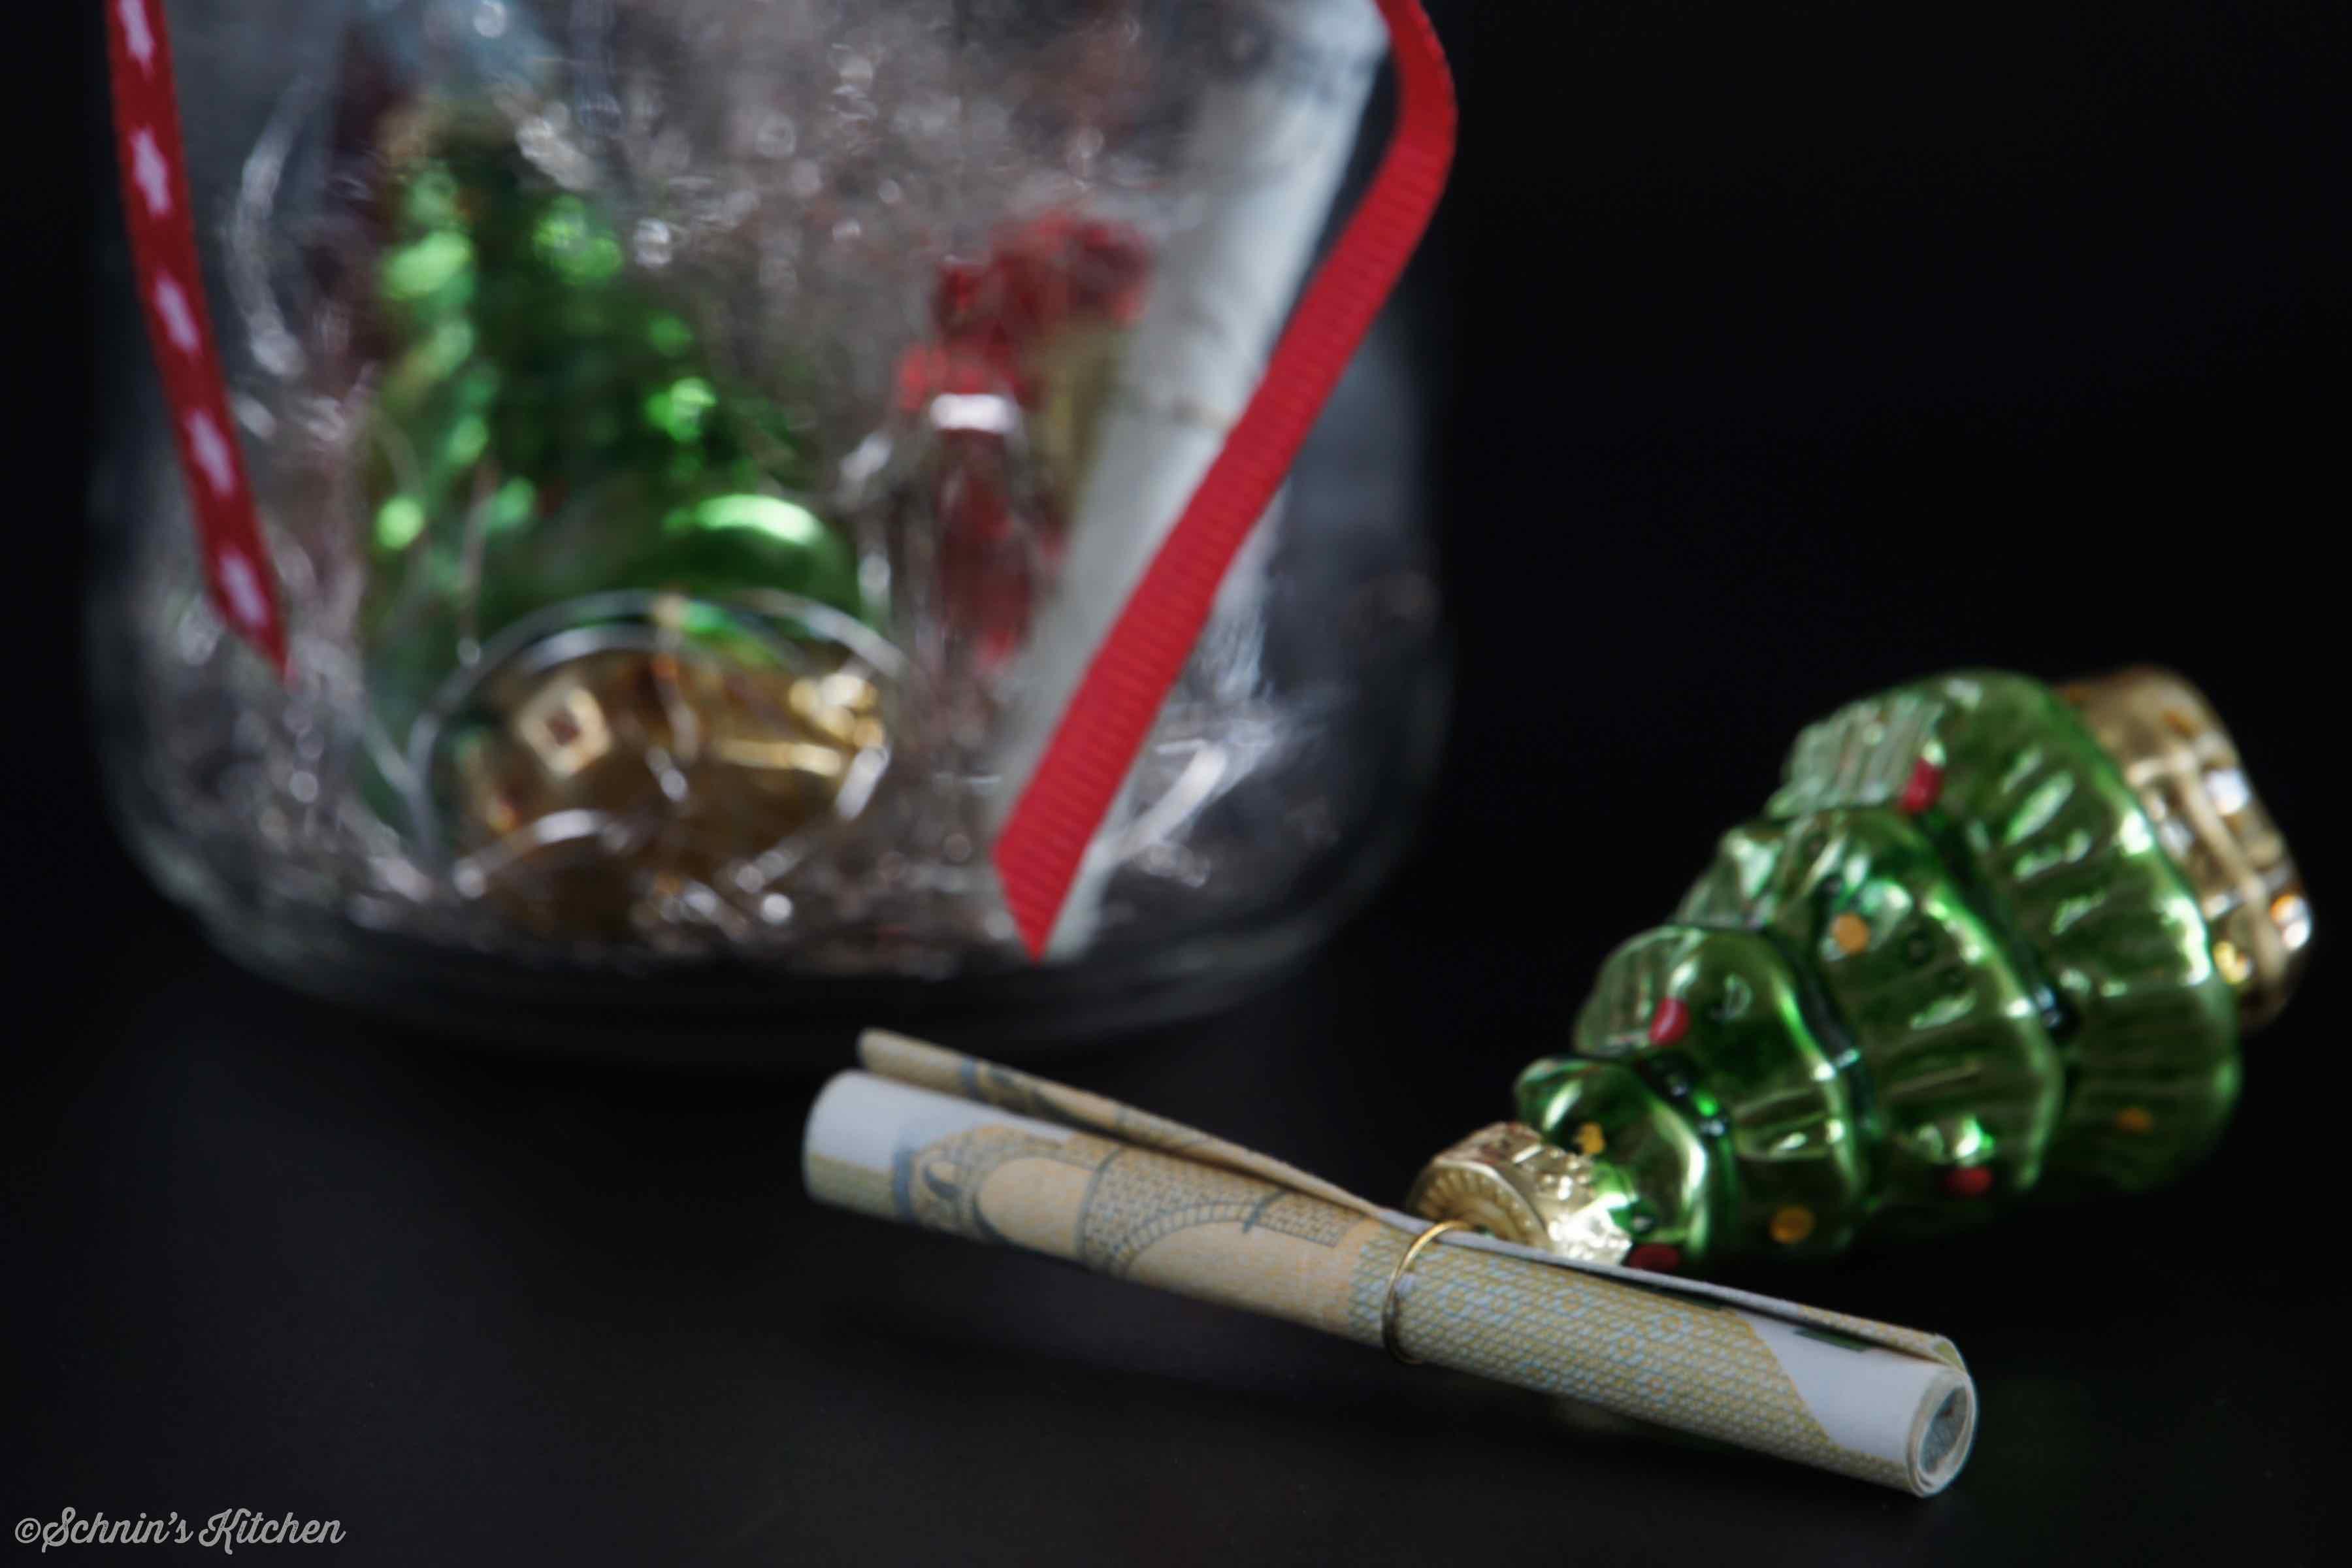 Schnin's Kitchen: weihnachtlich Geldgeschenke verpacken